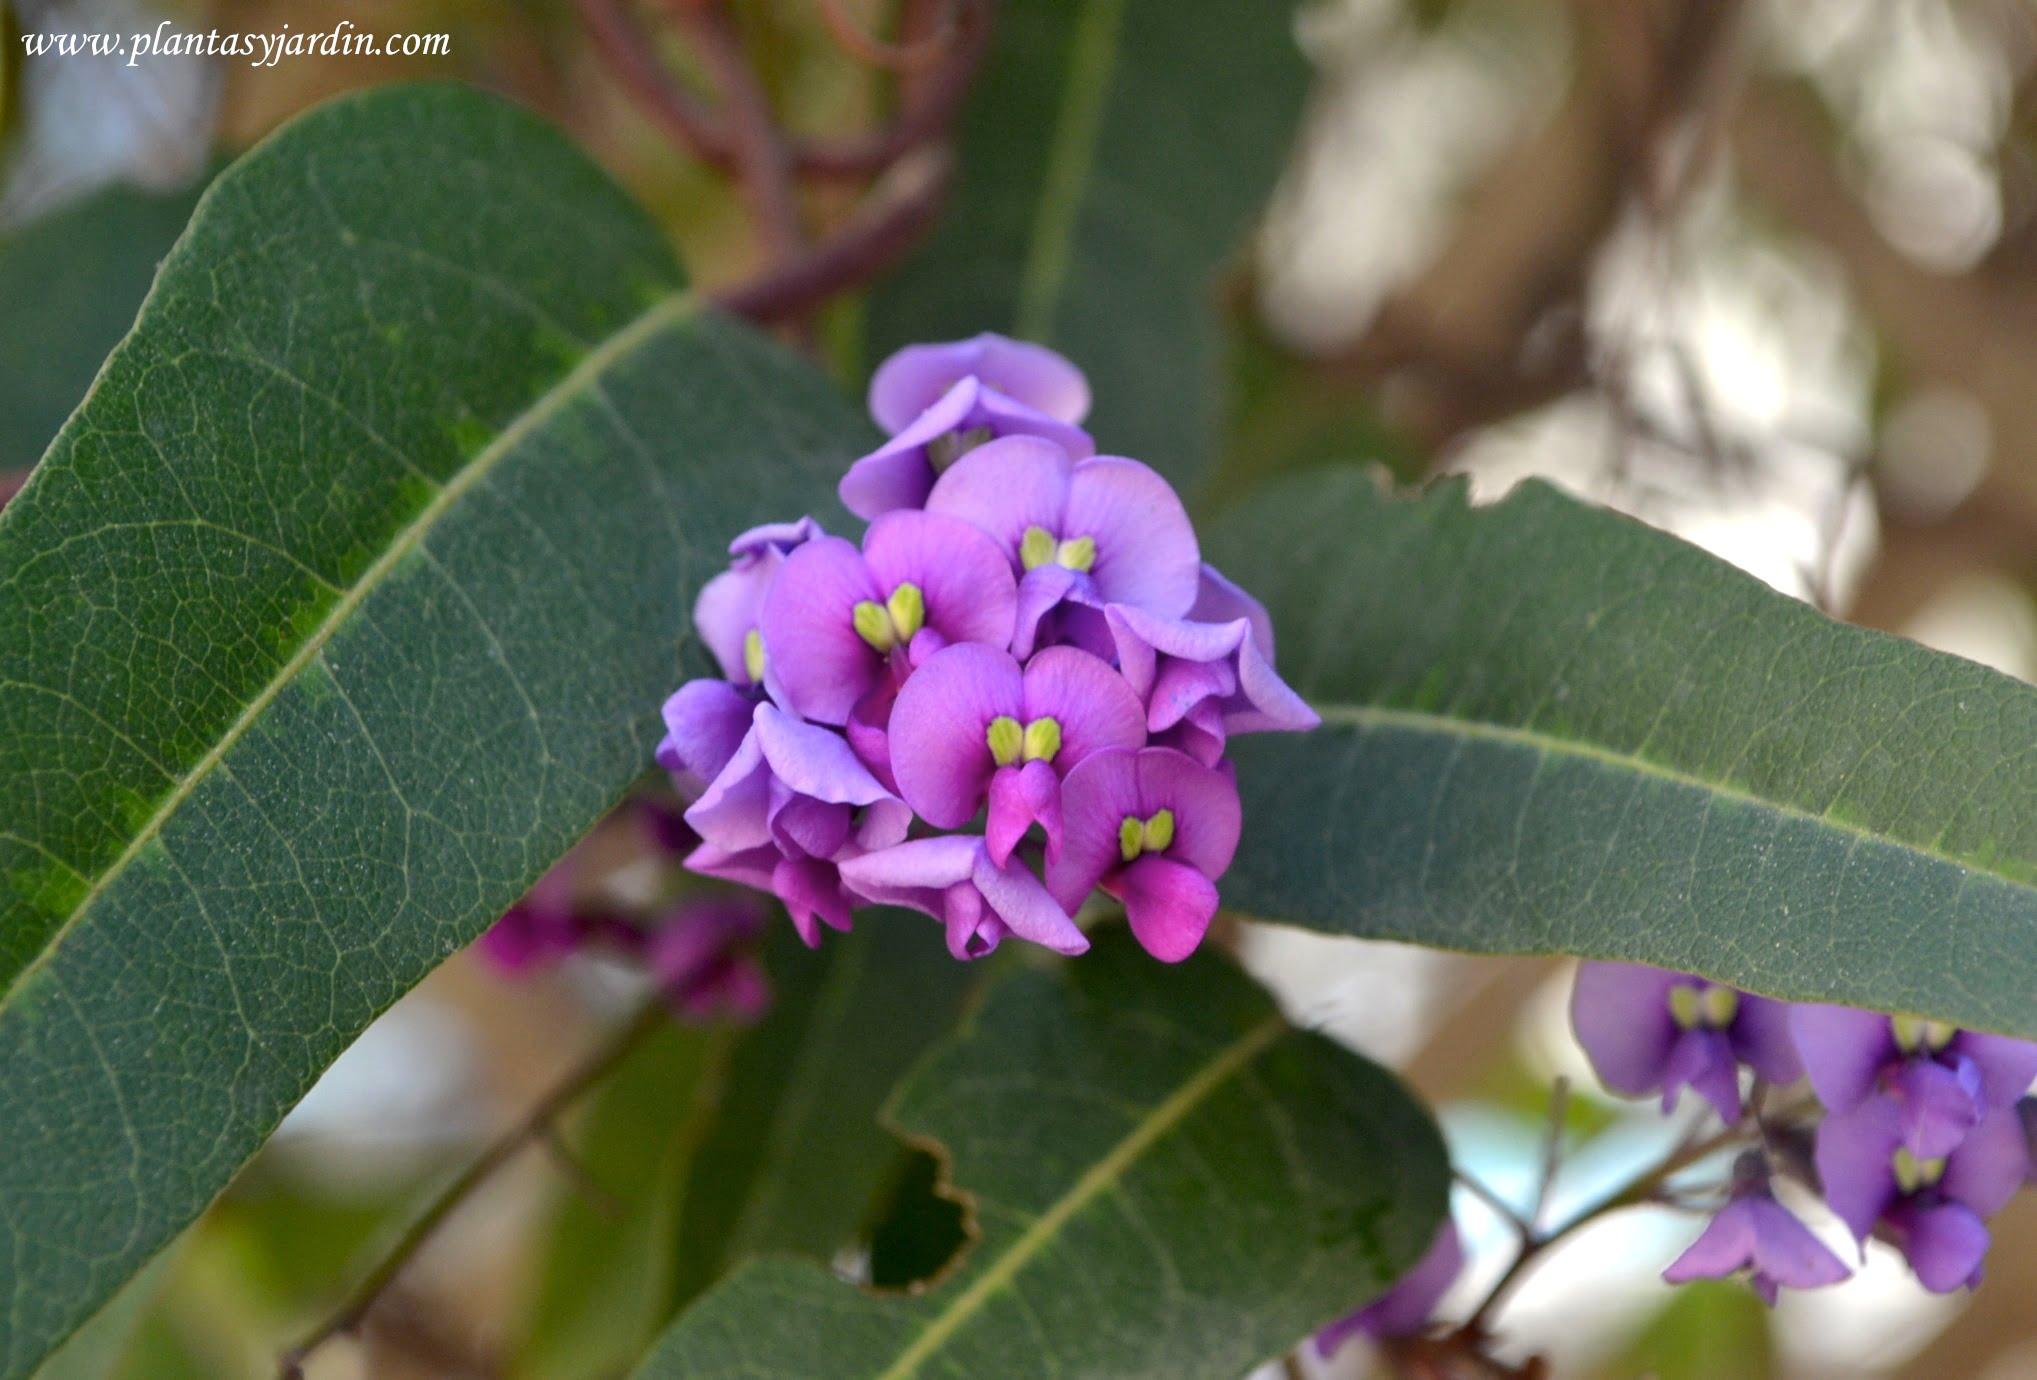 Hardenbergia violacea detalle de flores papilionaceas